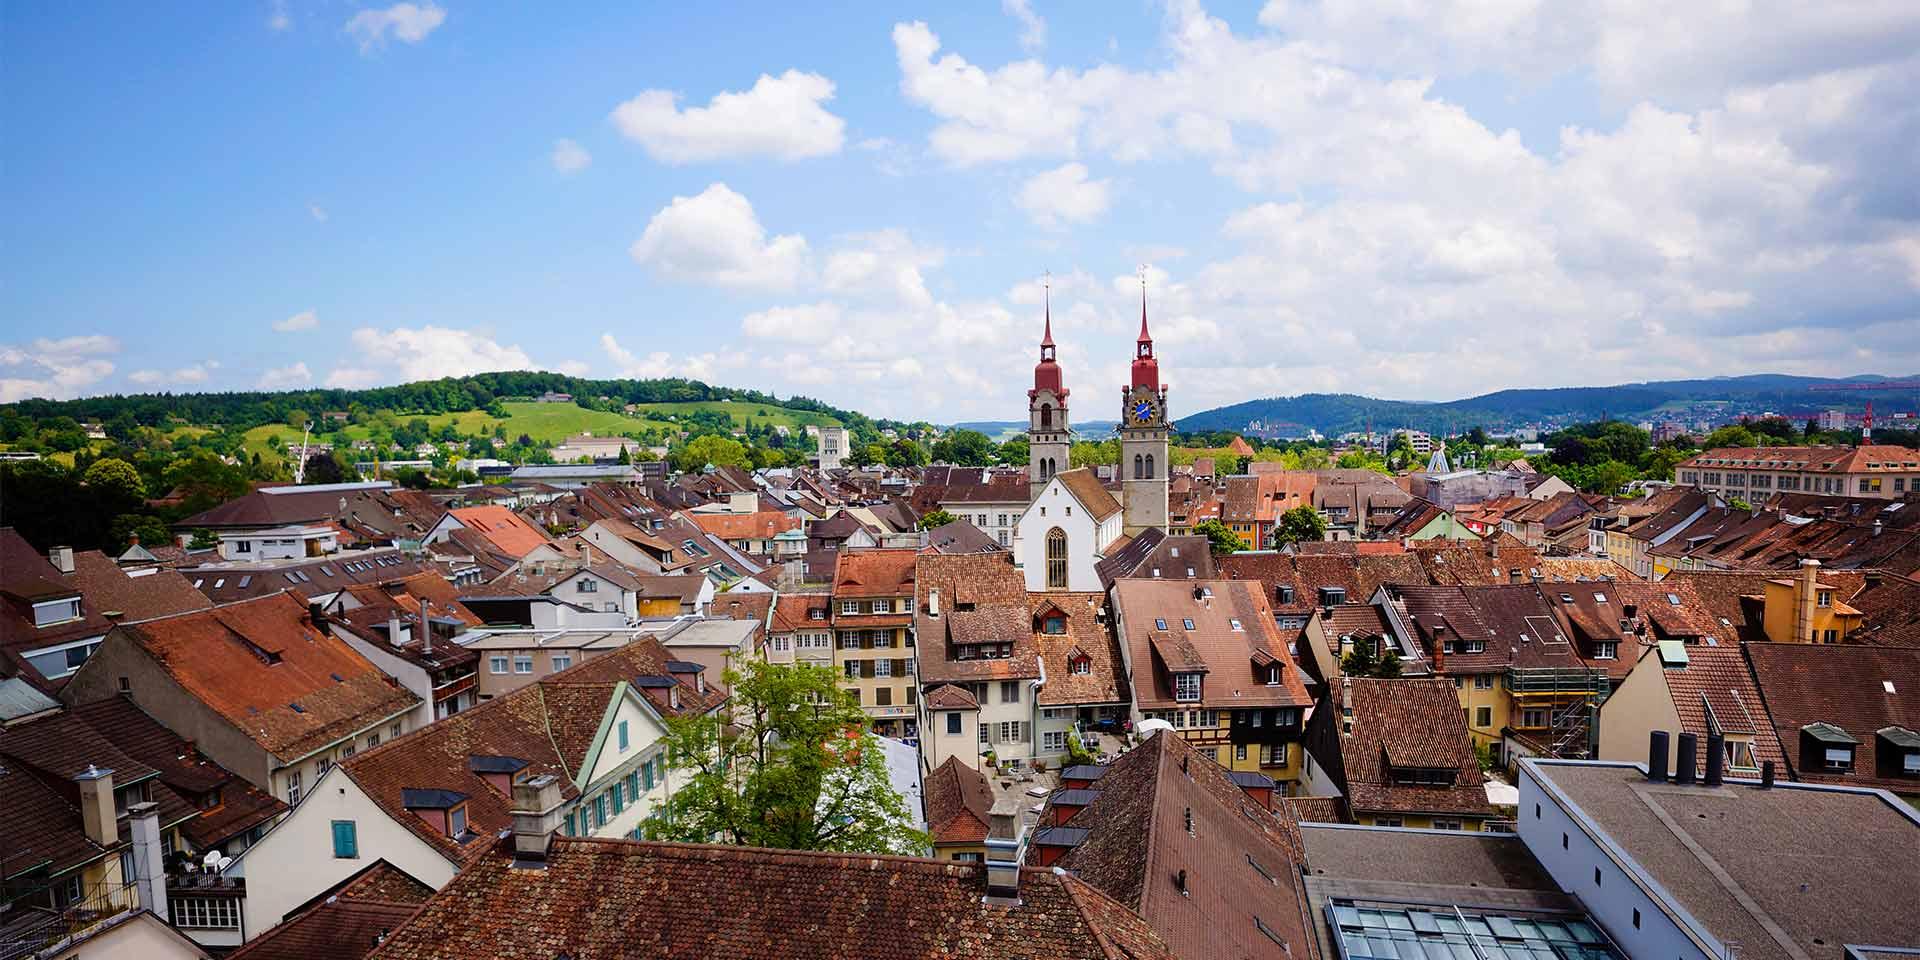 Überblick Altstadt Winterthur ©House of Winterthur